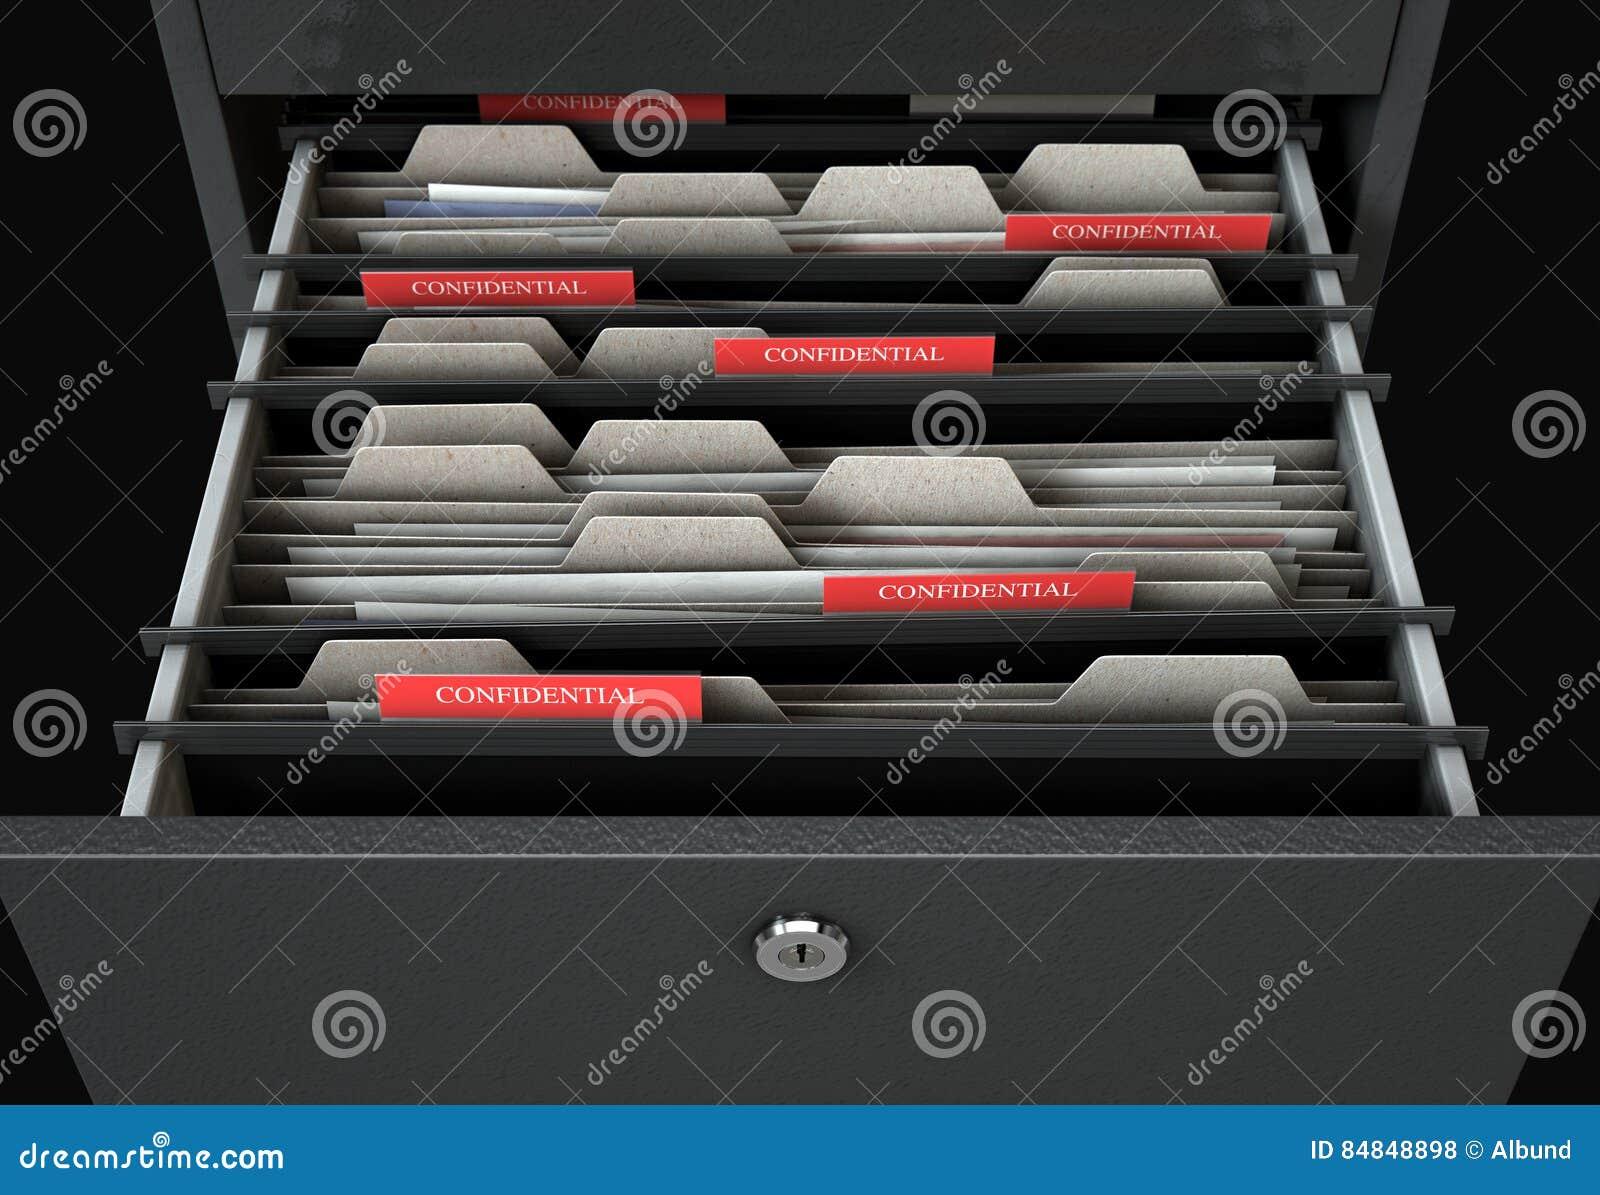 档案橱柜抽屉开放机要